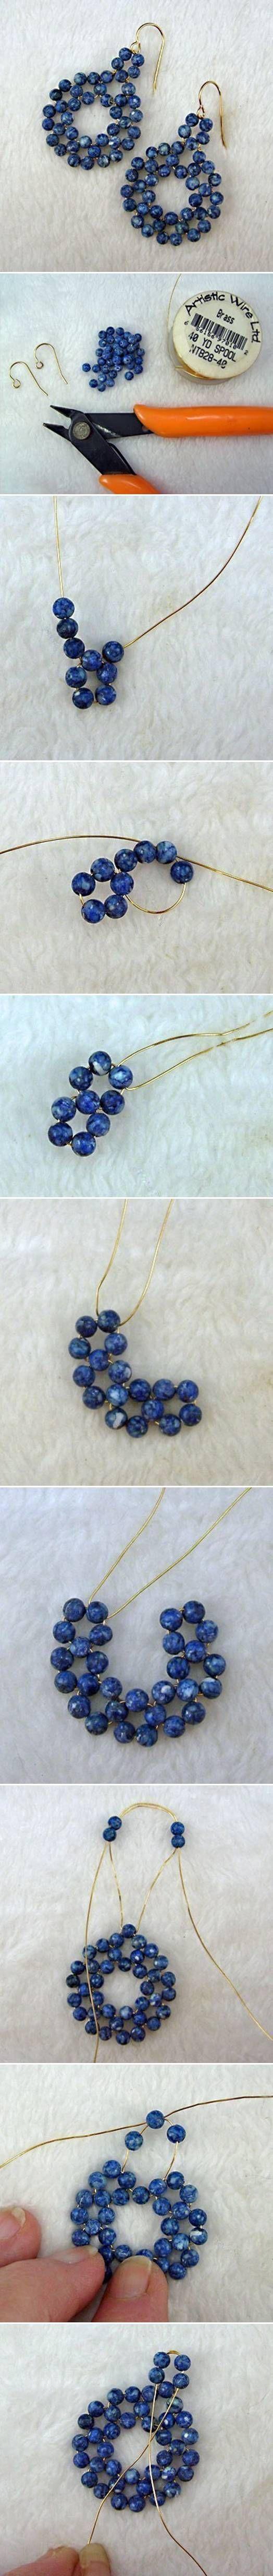 DIY Beads on Wire Earrings DIY Beads on Wire Earrings